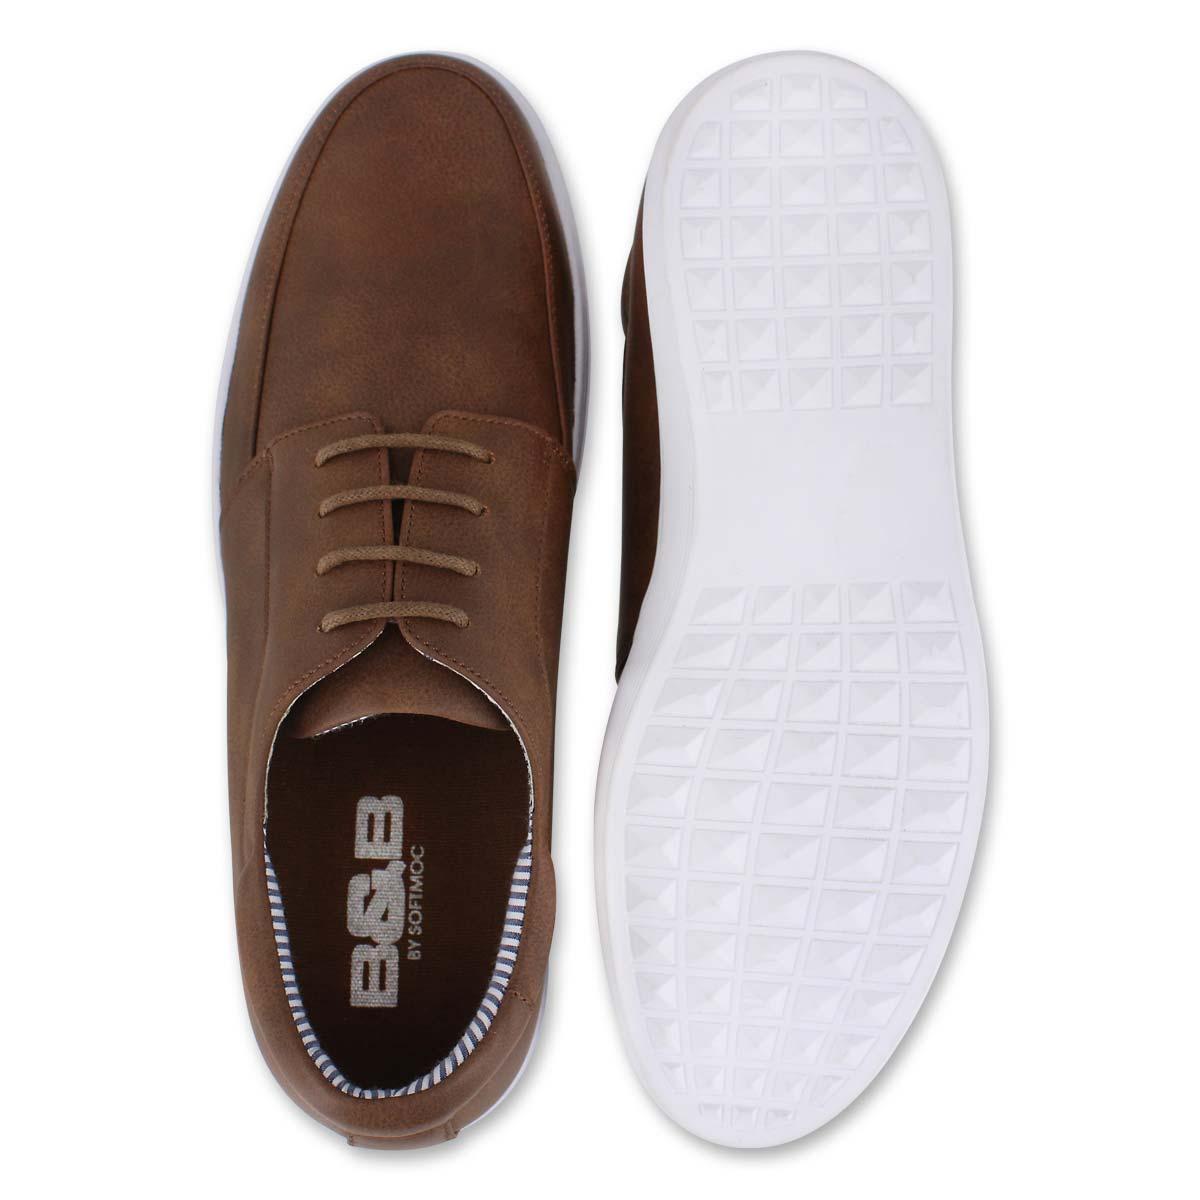 Mns Jamieson cognac casual lace up shoe